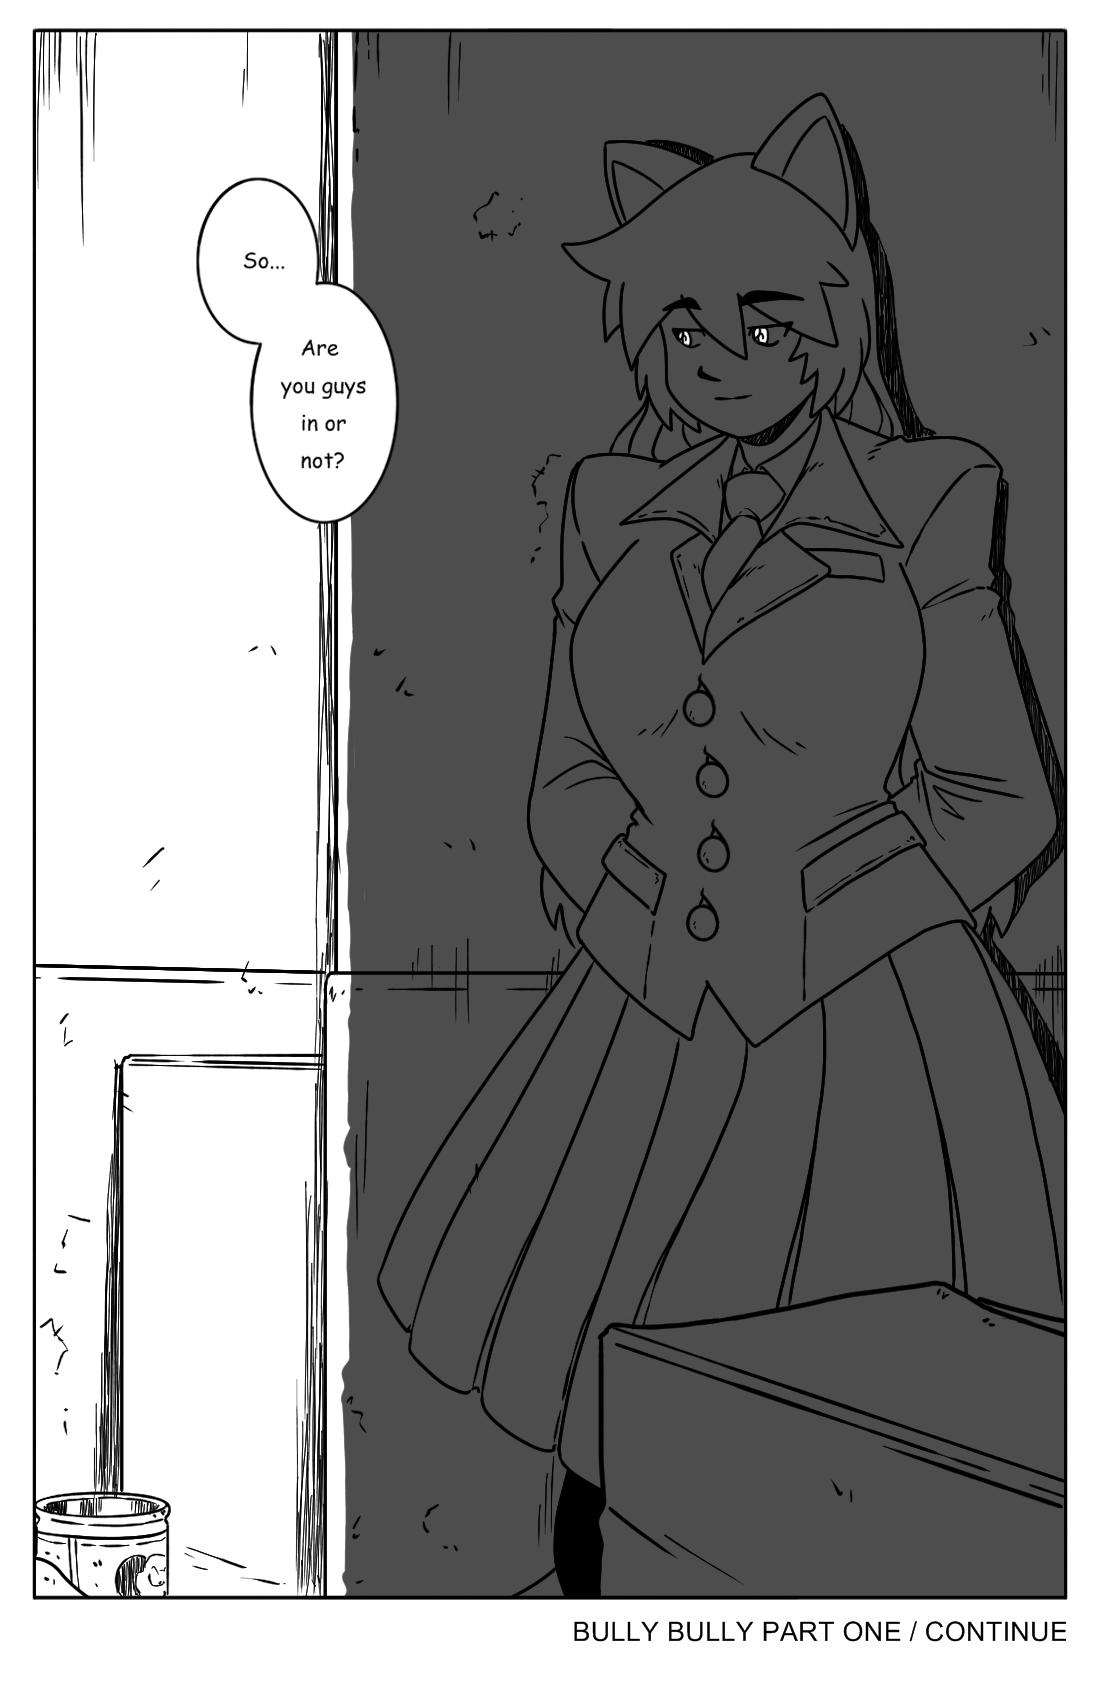 Bully Bully Part 1 pg.21